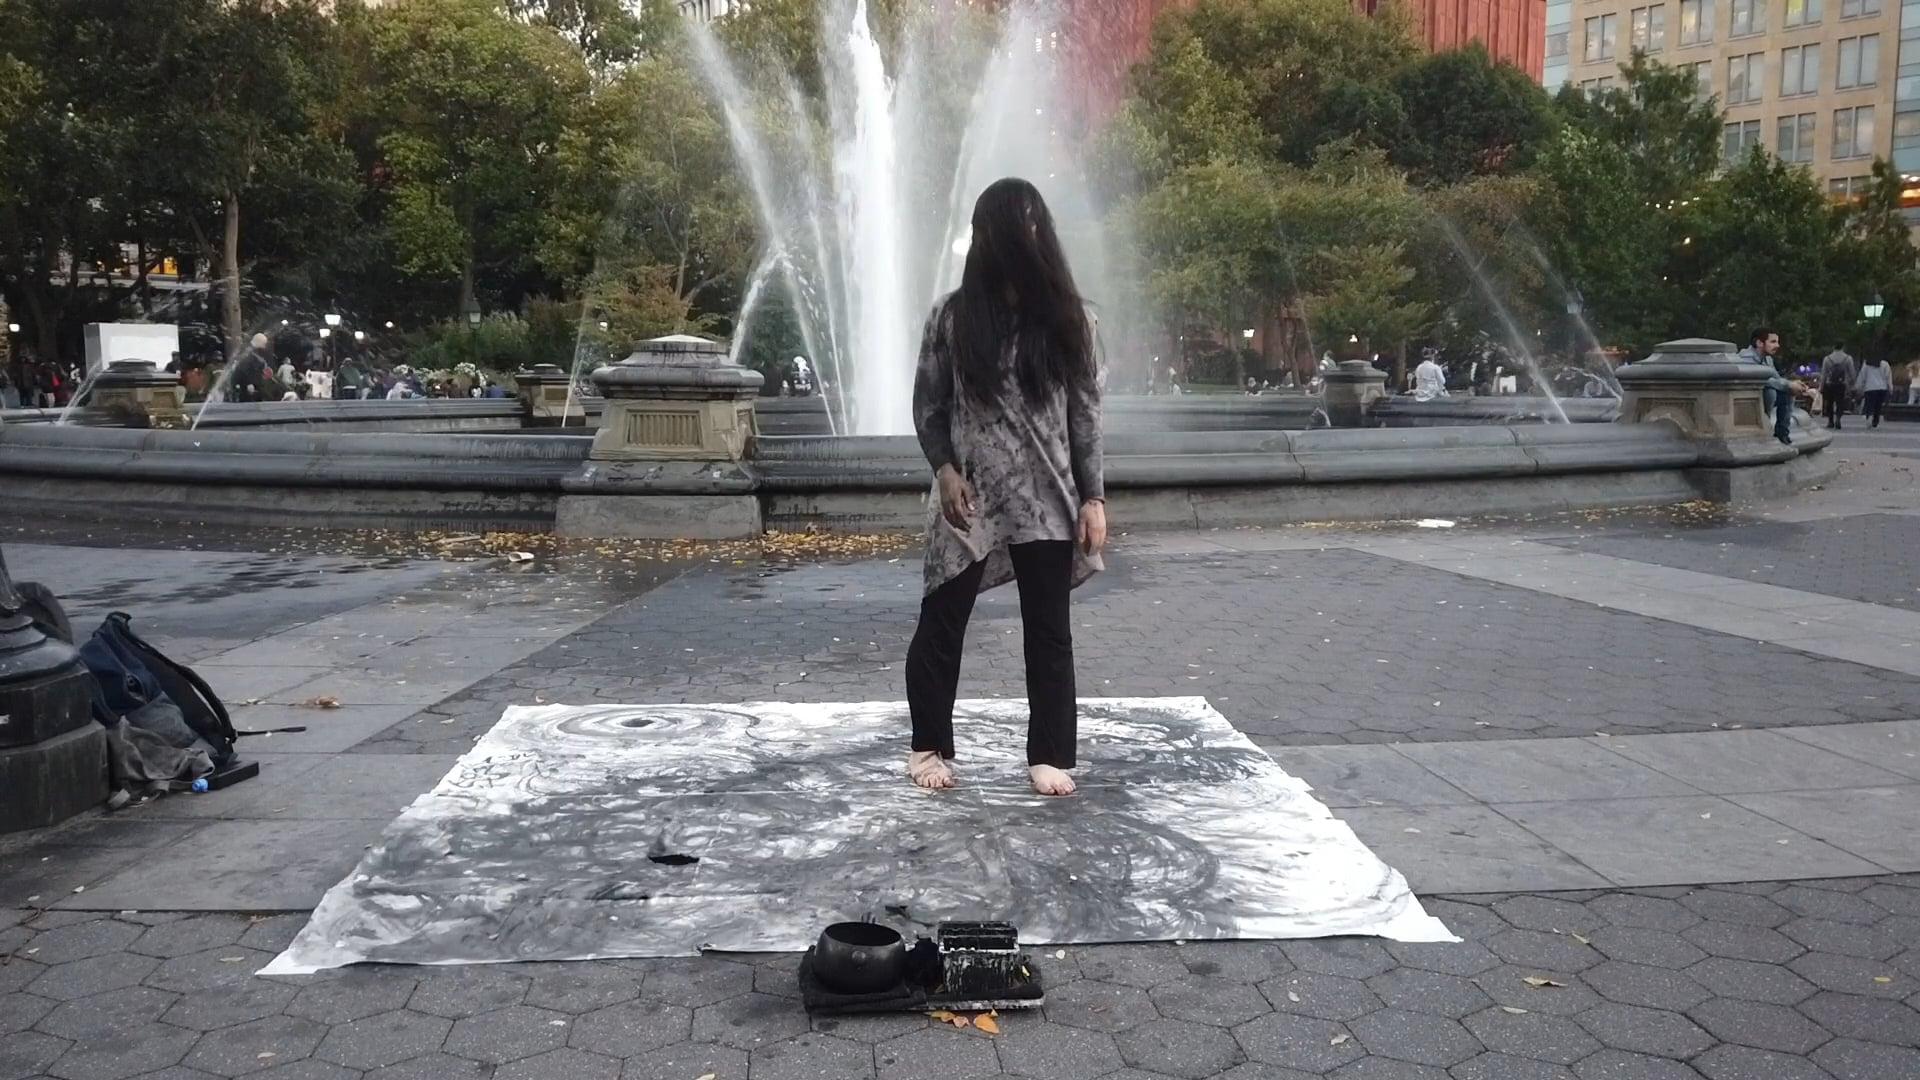 Live Performance at Washington Square Park 10/7/2020